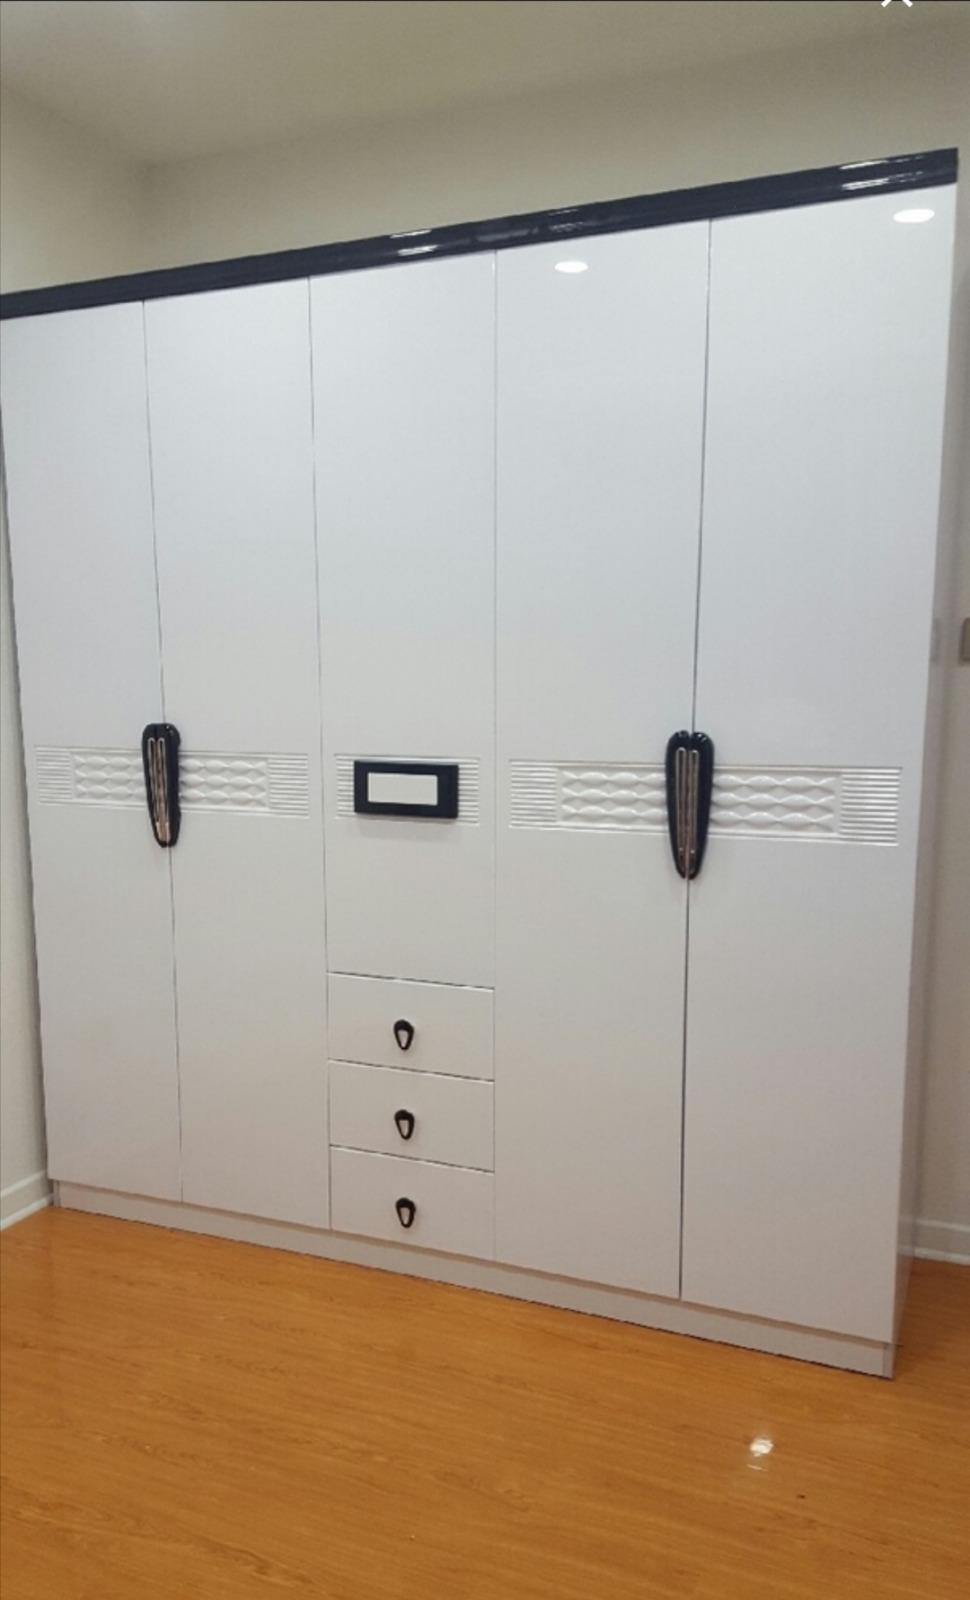 5н хаалгатай шкап, агуулахаас нь худалдаалж бна